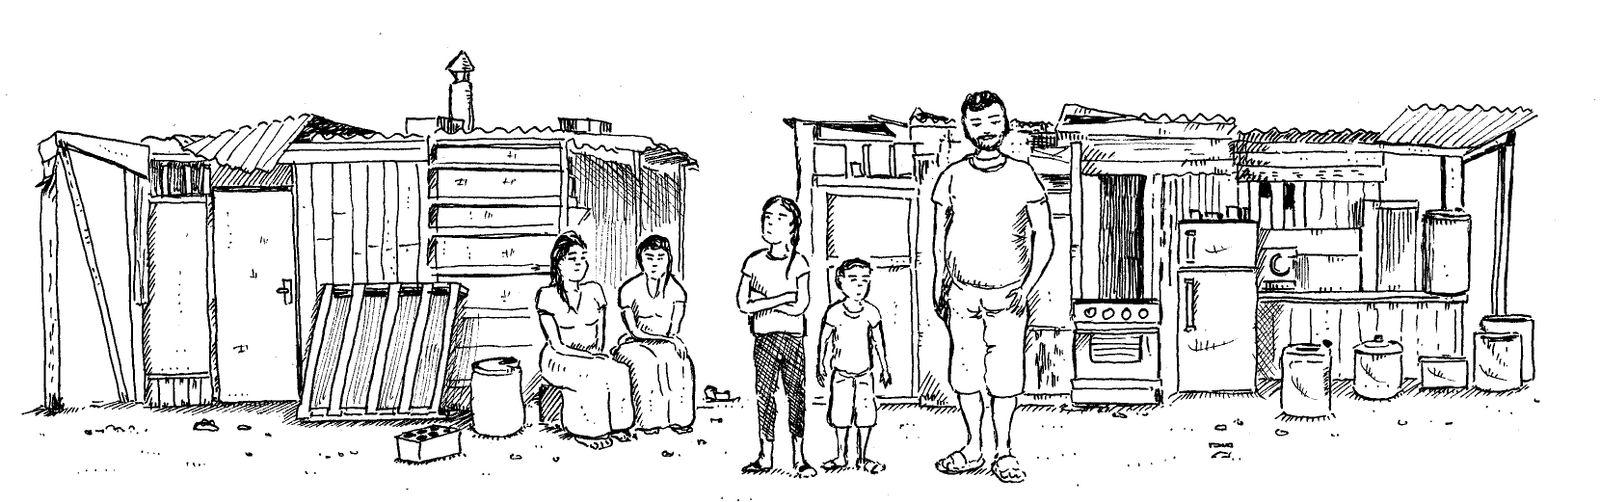 La campagne de sensibilisation et de vaccination dans les bidonvilles